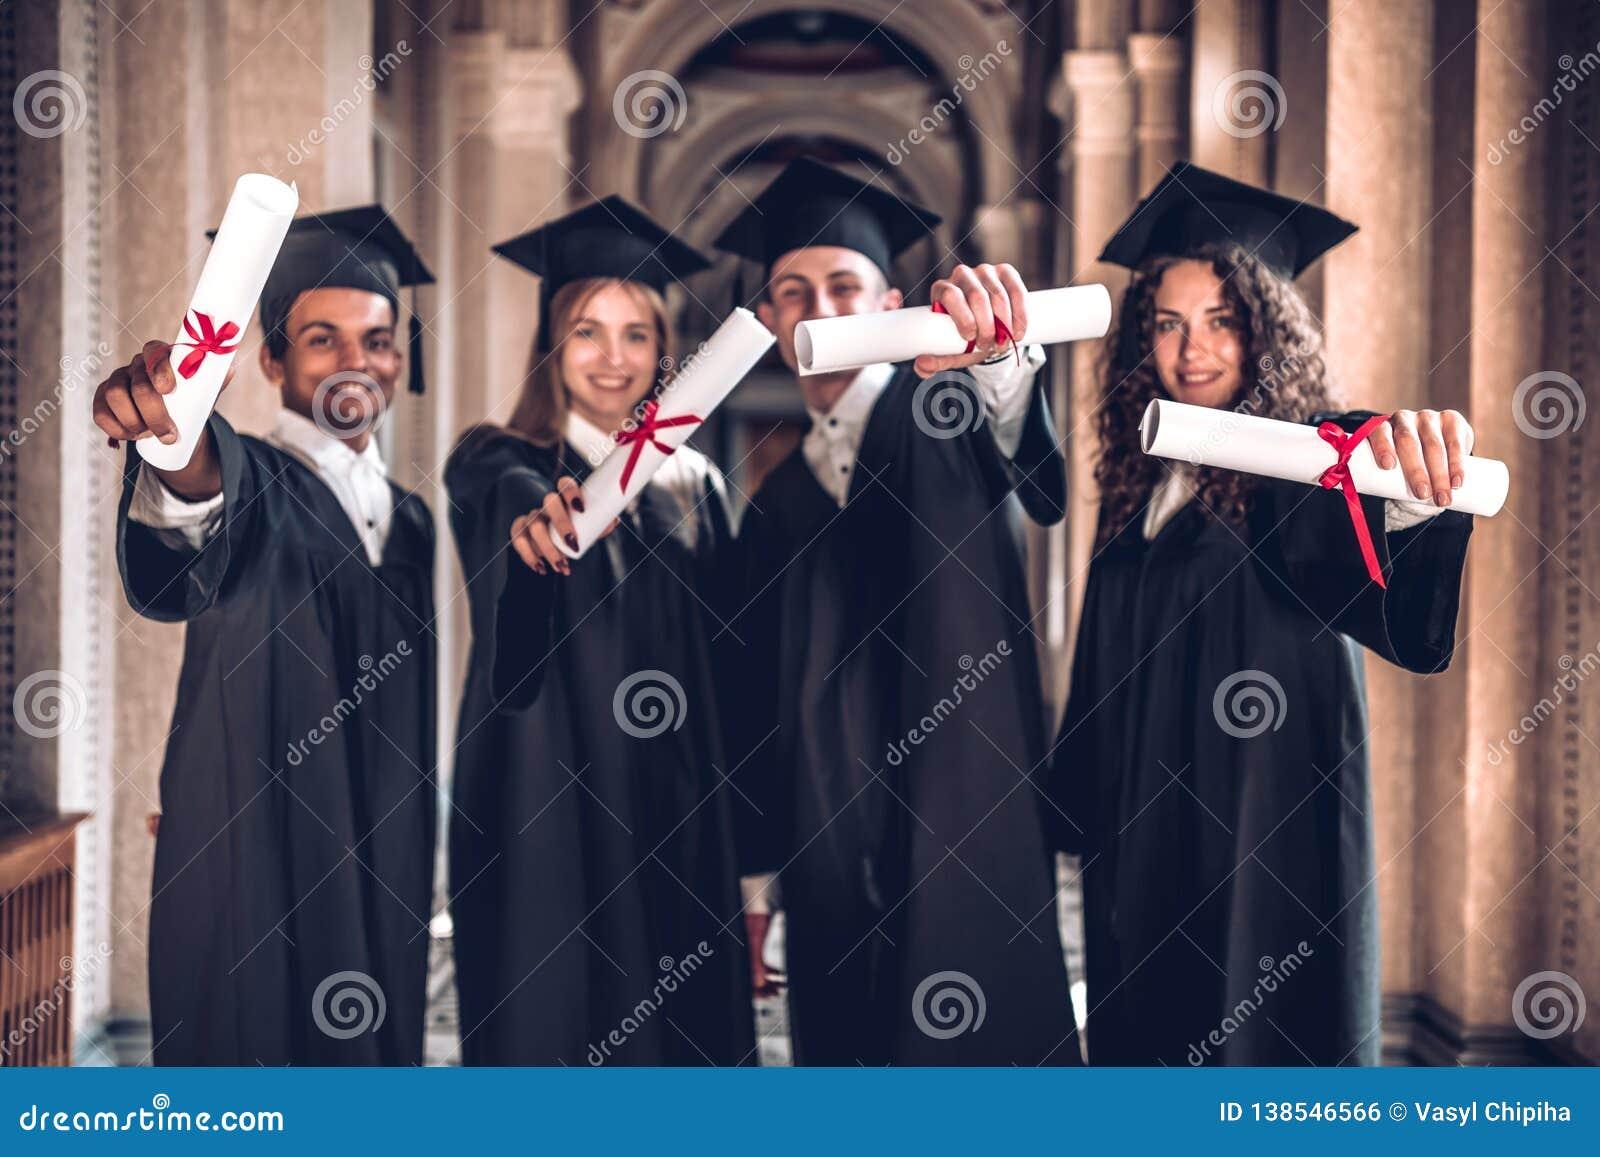 Wir arbeiteten schwer und erhielten Ergebnisse! Gruppe lächelnde Absolvent, die ihre Diplome, zusammen stehend in der Hochschulha